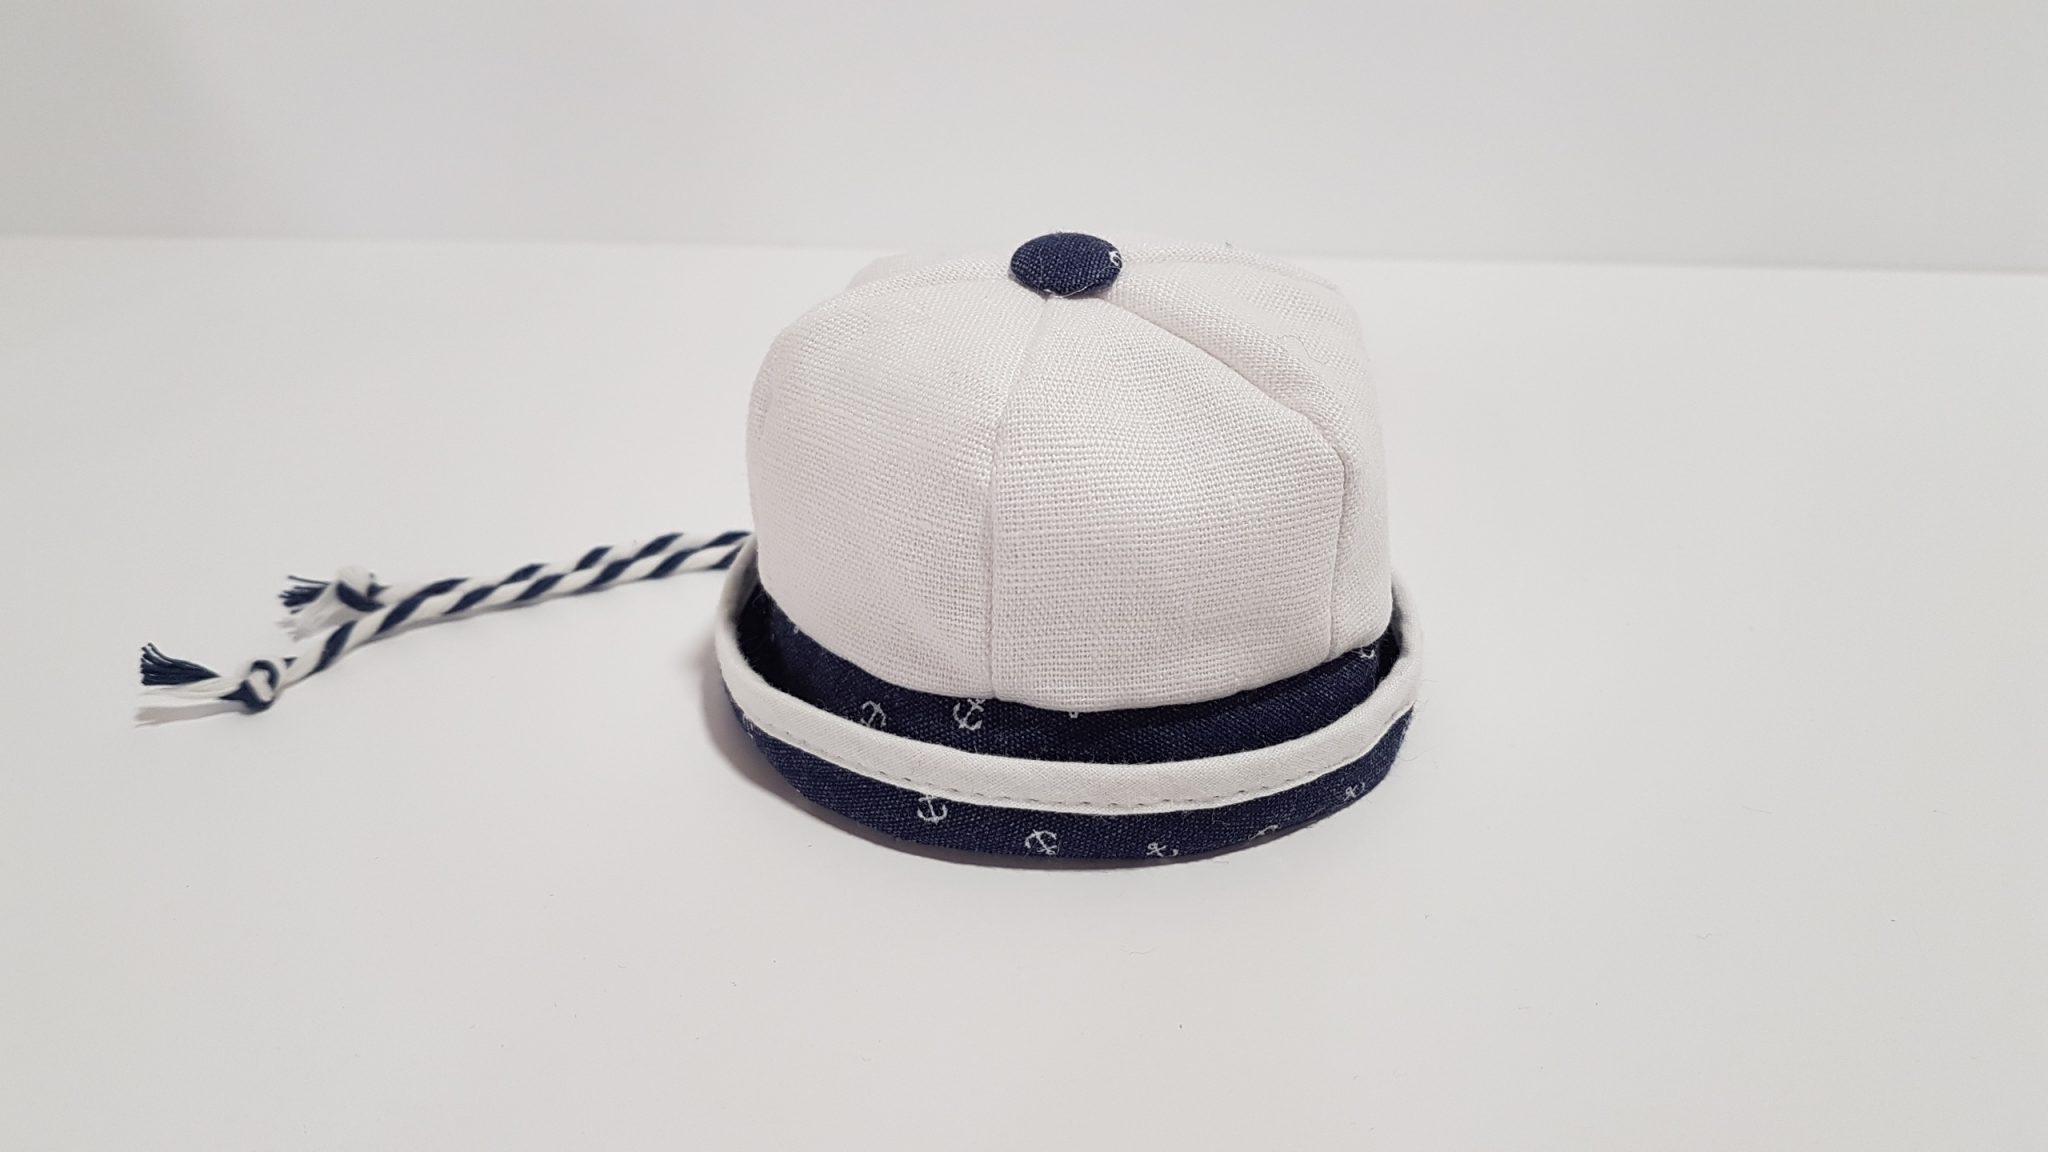 Μπομπονιέρα καπελάκι navy δίχρωμο.